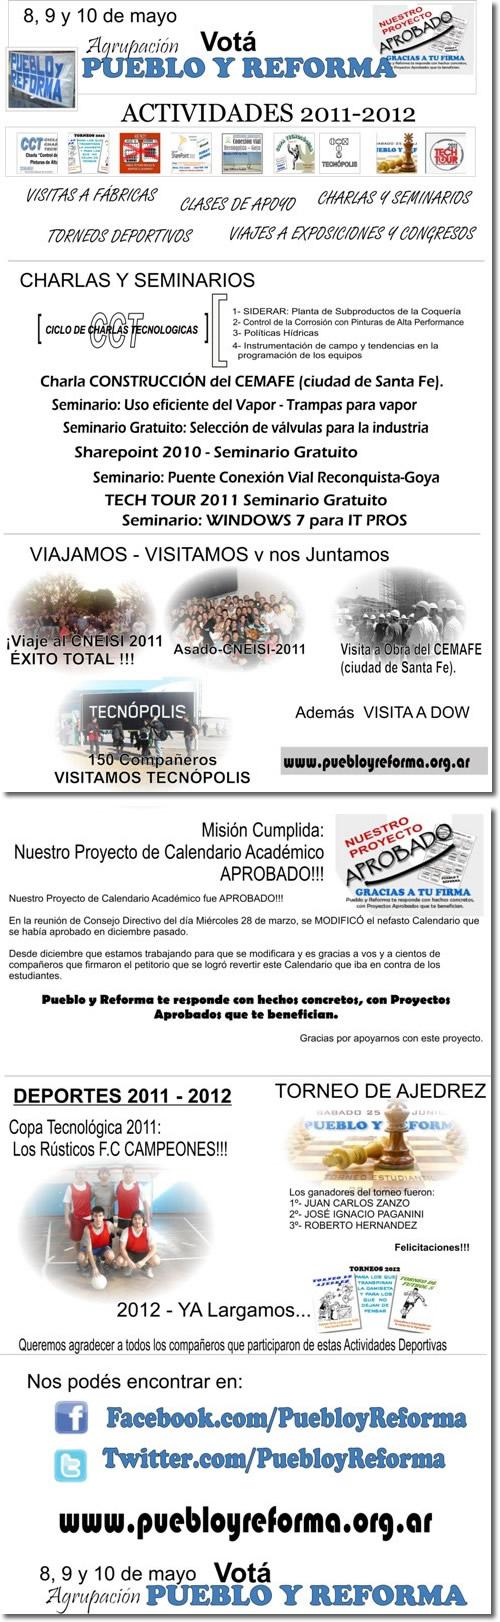 actividades2012_861